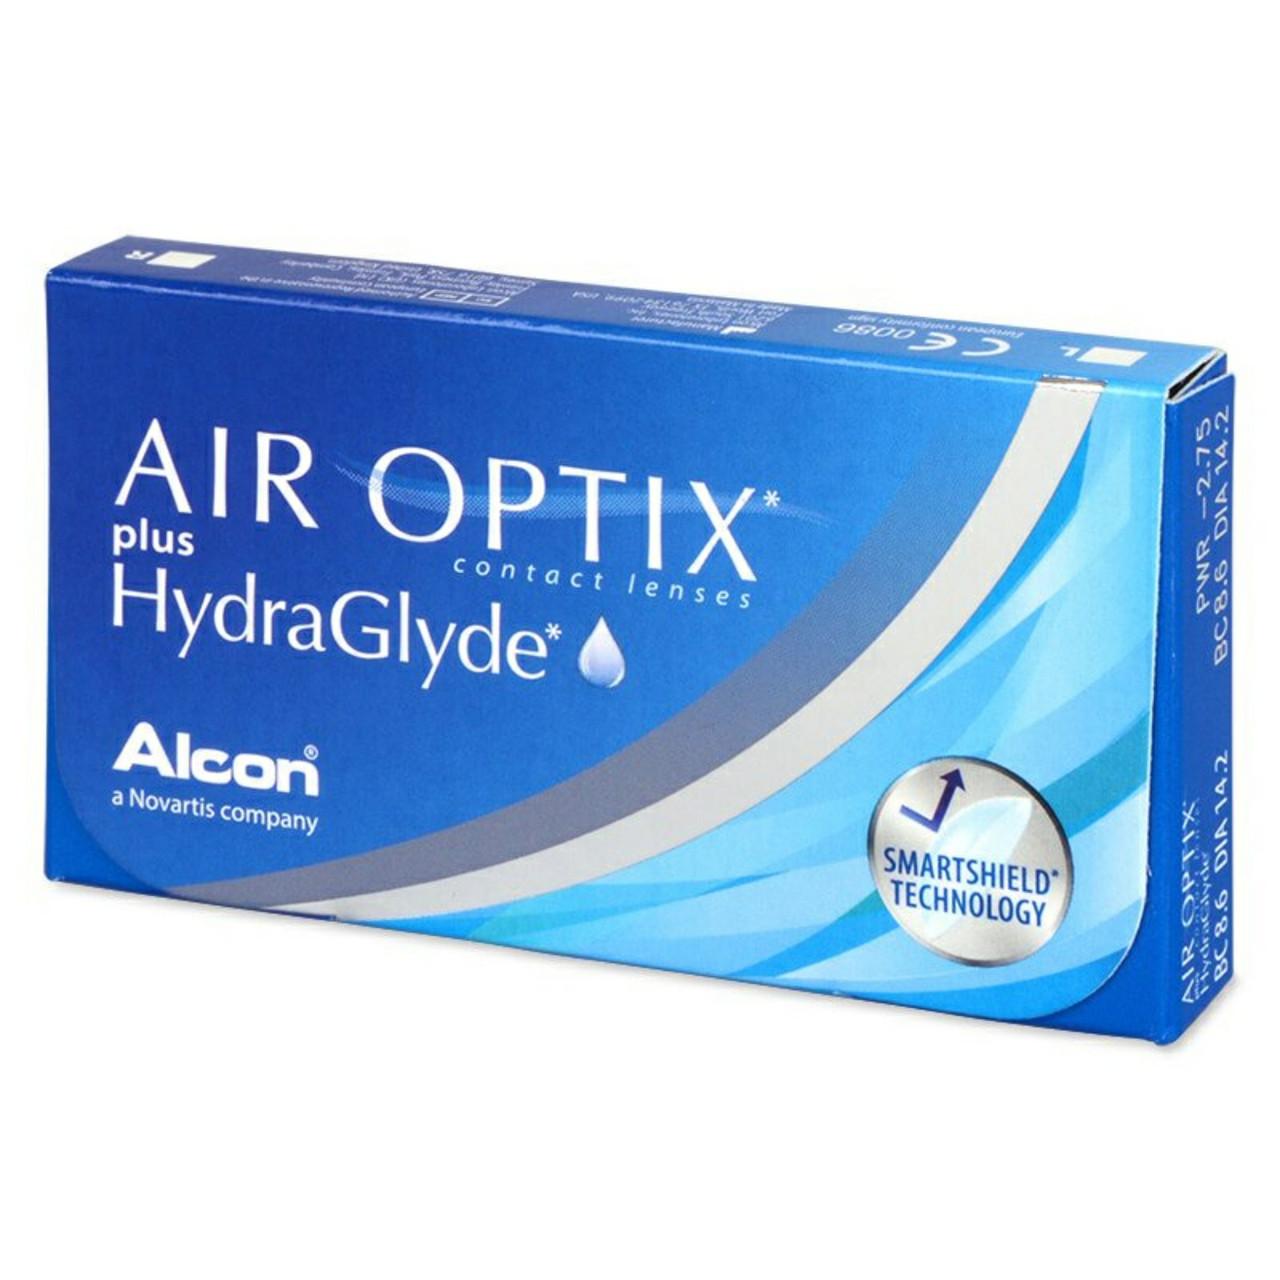 Контактные линзы -8,00 Air Optix plus HydraGlyde